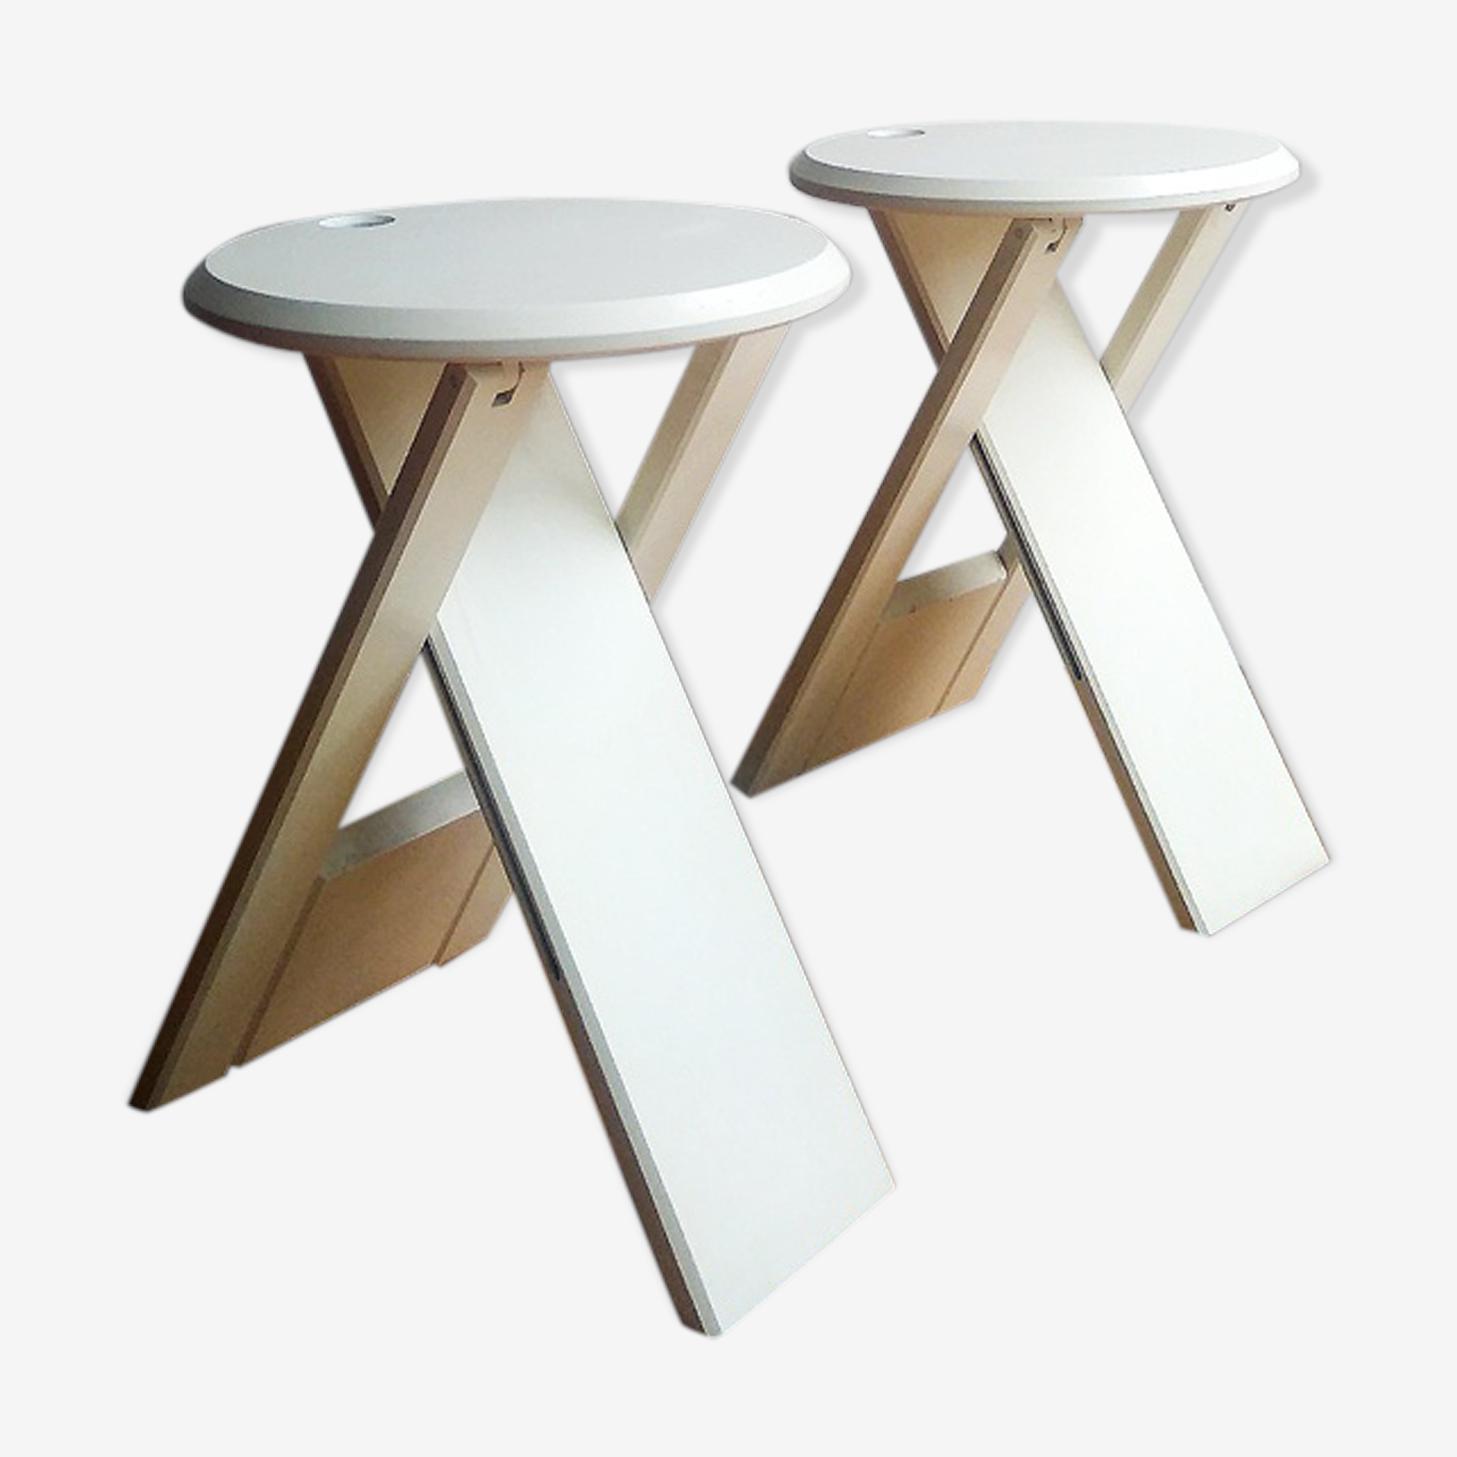 Tabourets pliants design Adrian Reed 1980